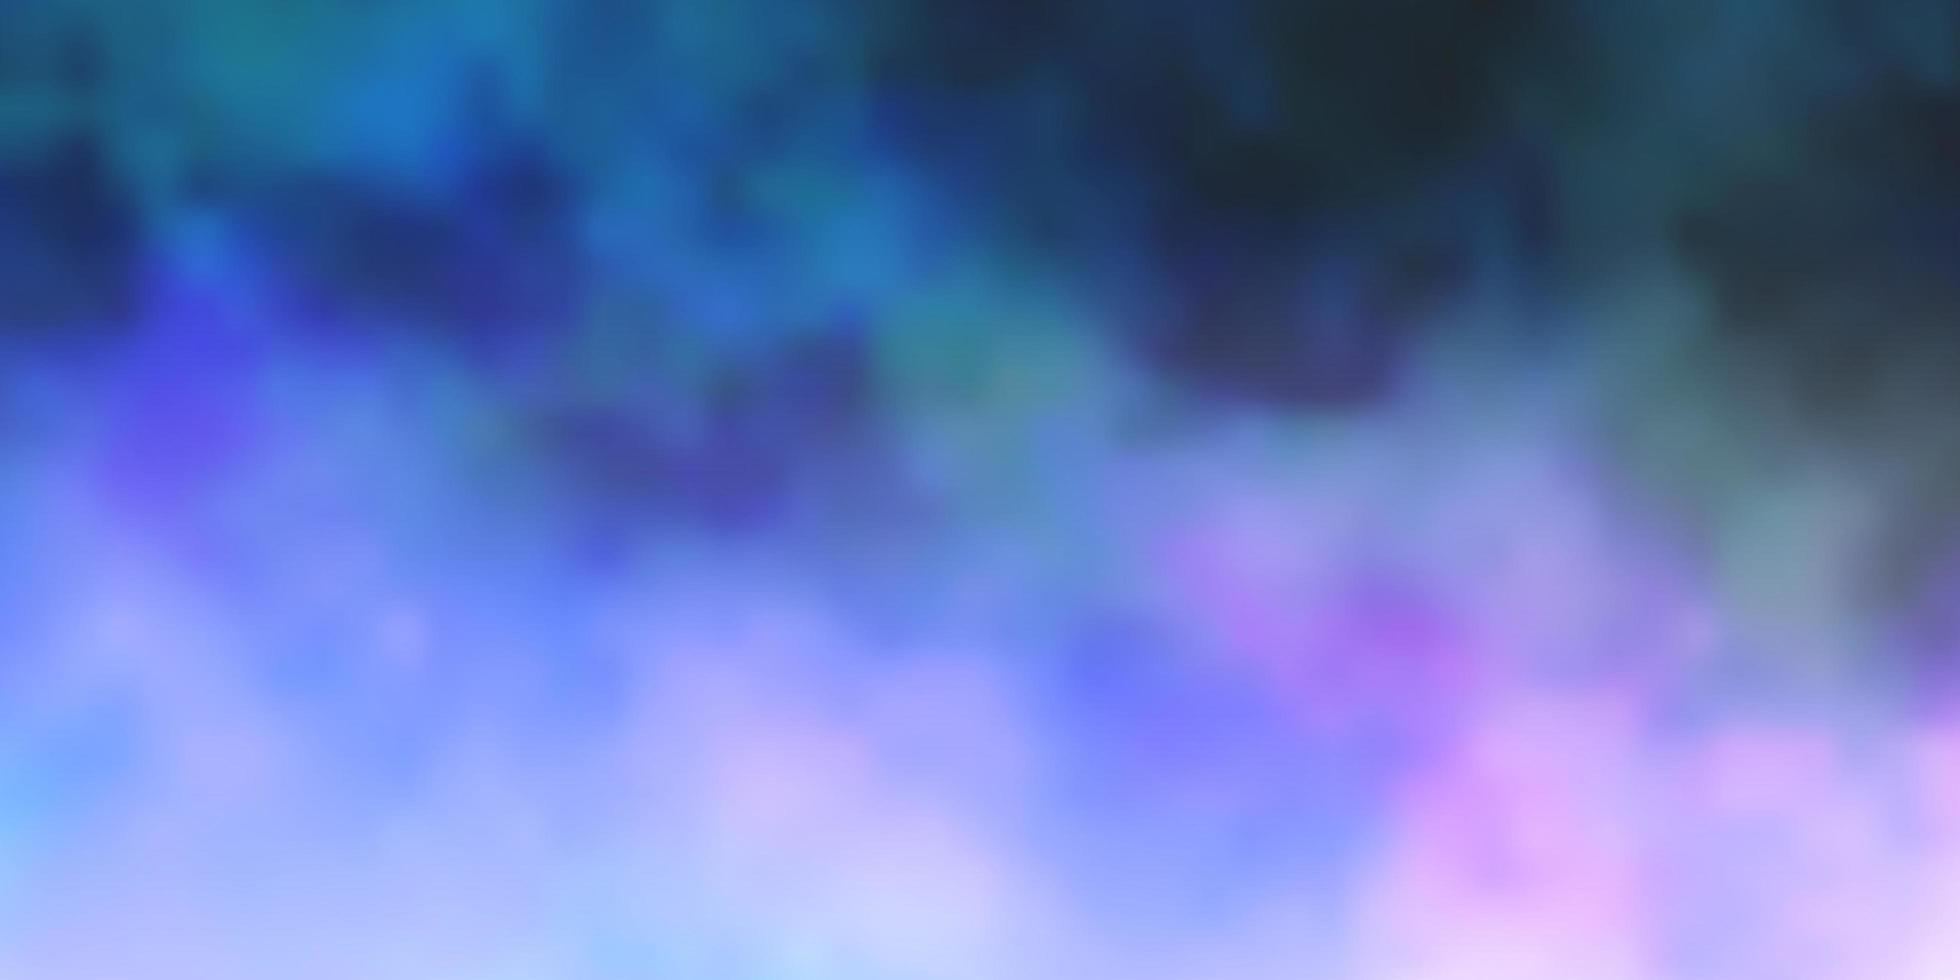 modèle vectoriel rose foncé, bleu avec des nuages.